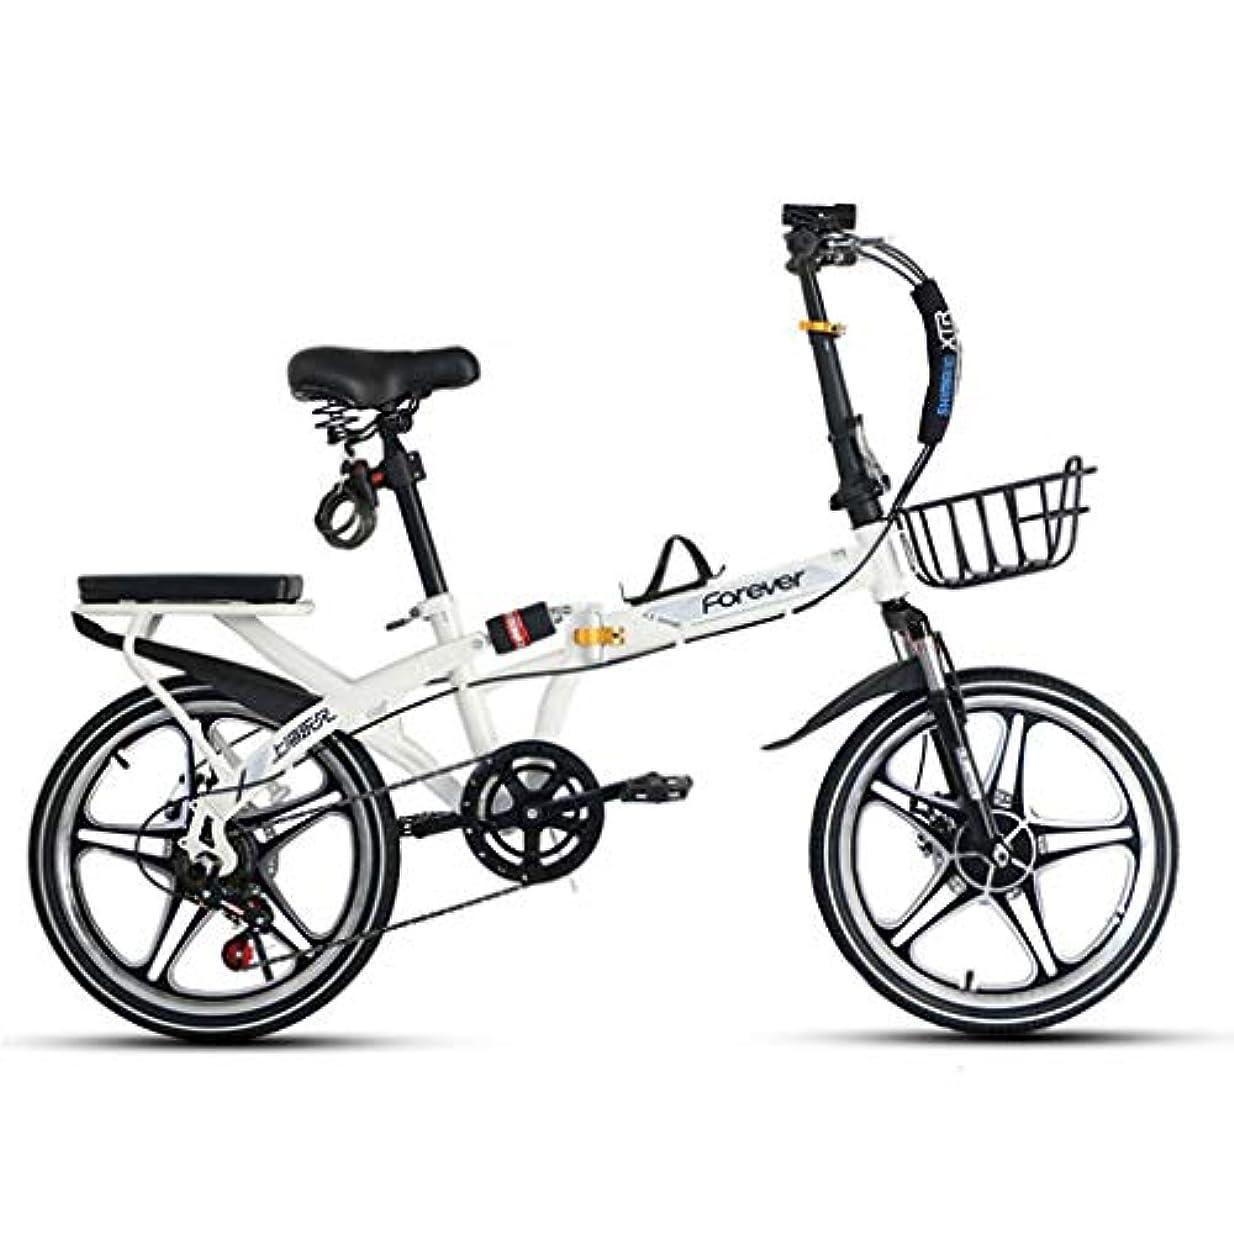 君主溶融飲み込む折りたたみ自転車 20インチ,クロスバイク 7段速,超軽量折りたたみ 自転車,デュアルショックアブソーバーを装備,ダブルディスクブレーキ,ユニセックス折りたたみ自転車